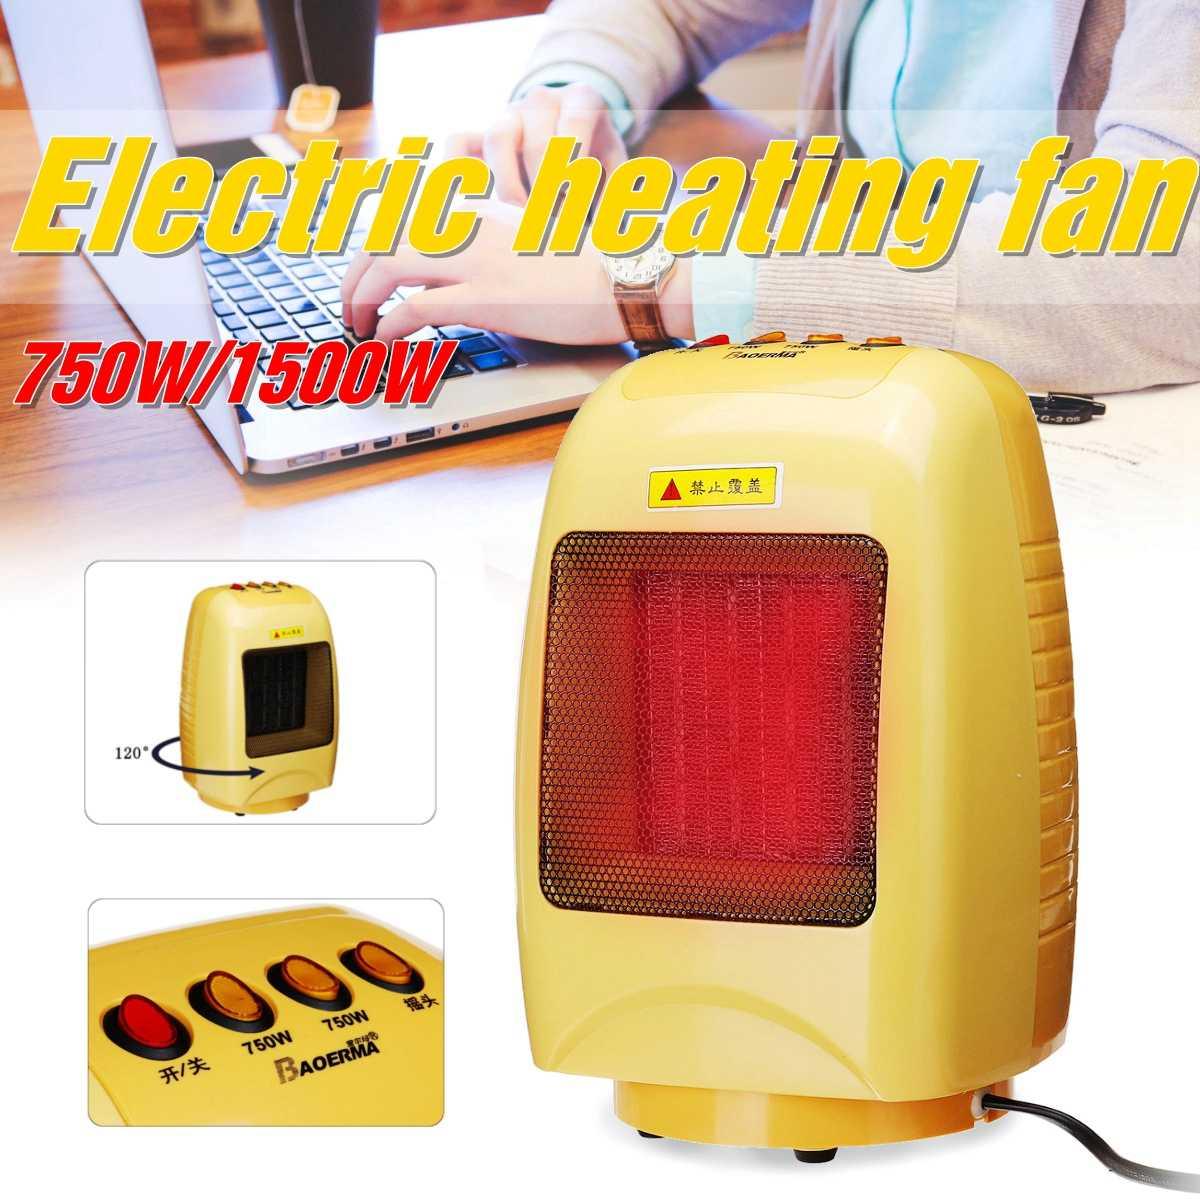 Portable 750 w/1500 w réchauffeur Watt pièce à main espace extérieur PTC réchauffeur d'air maison plus chaude chaleur électrique 220 v chauffage Thermostat